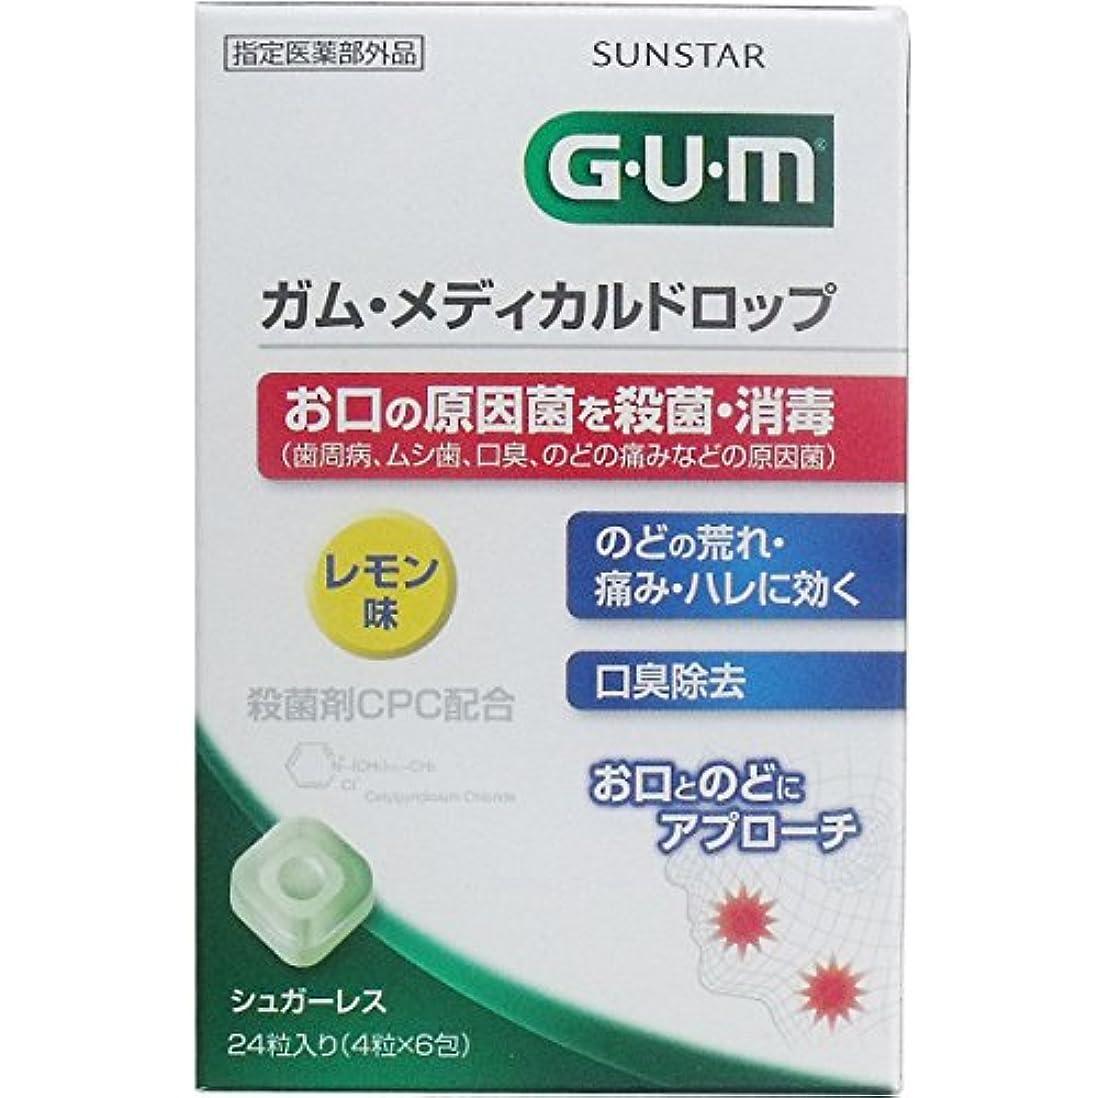 ベアリングインフルエンザアウトドア【5個セット】GUM(ガム) メディカルドロップ レモン味 24粒